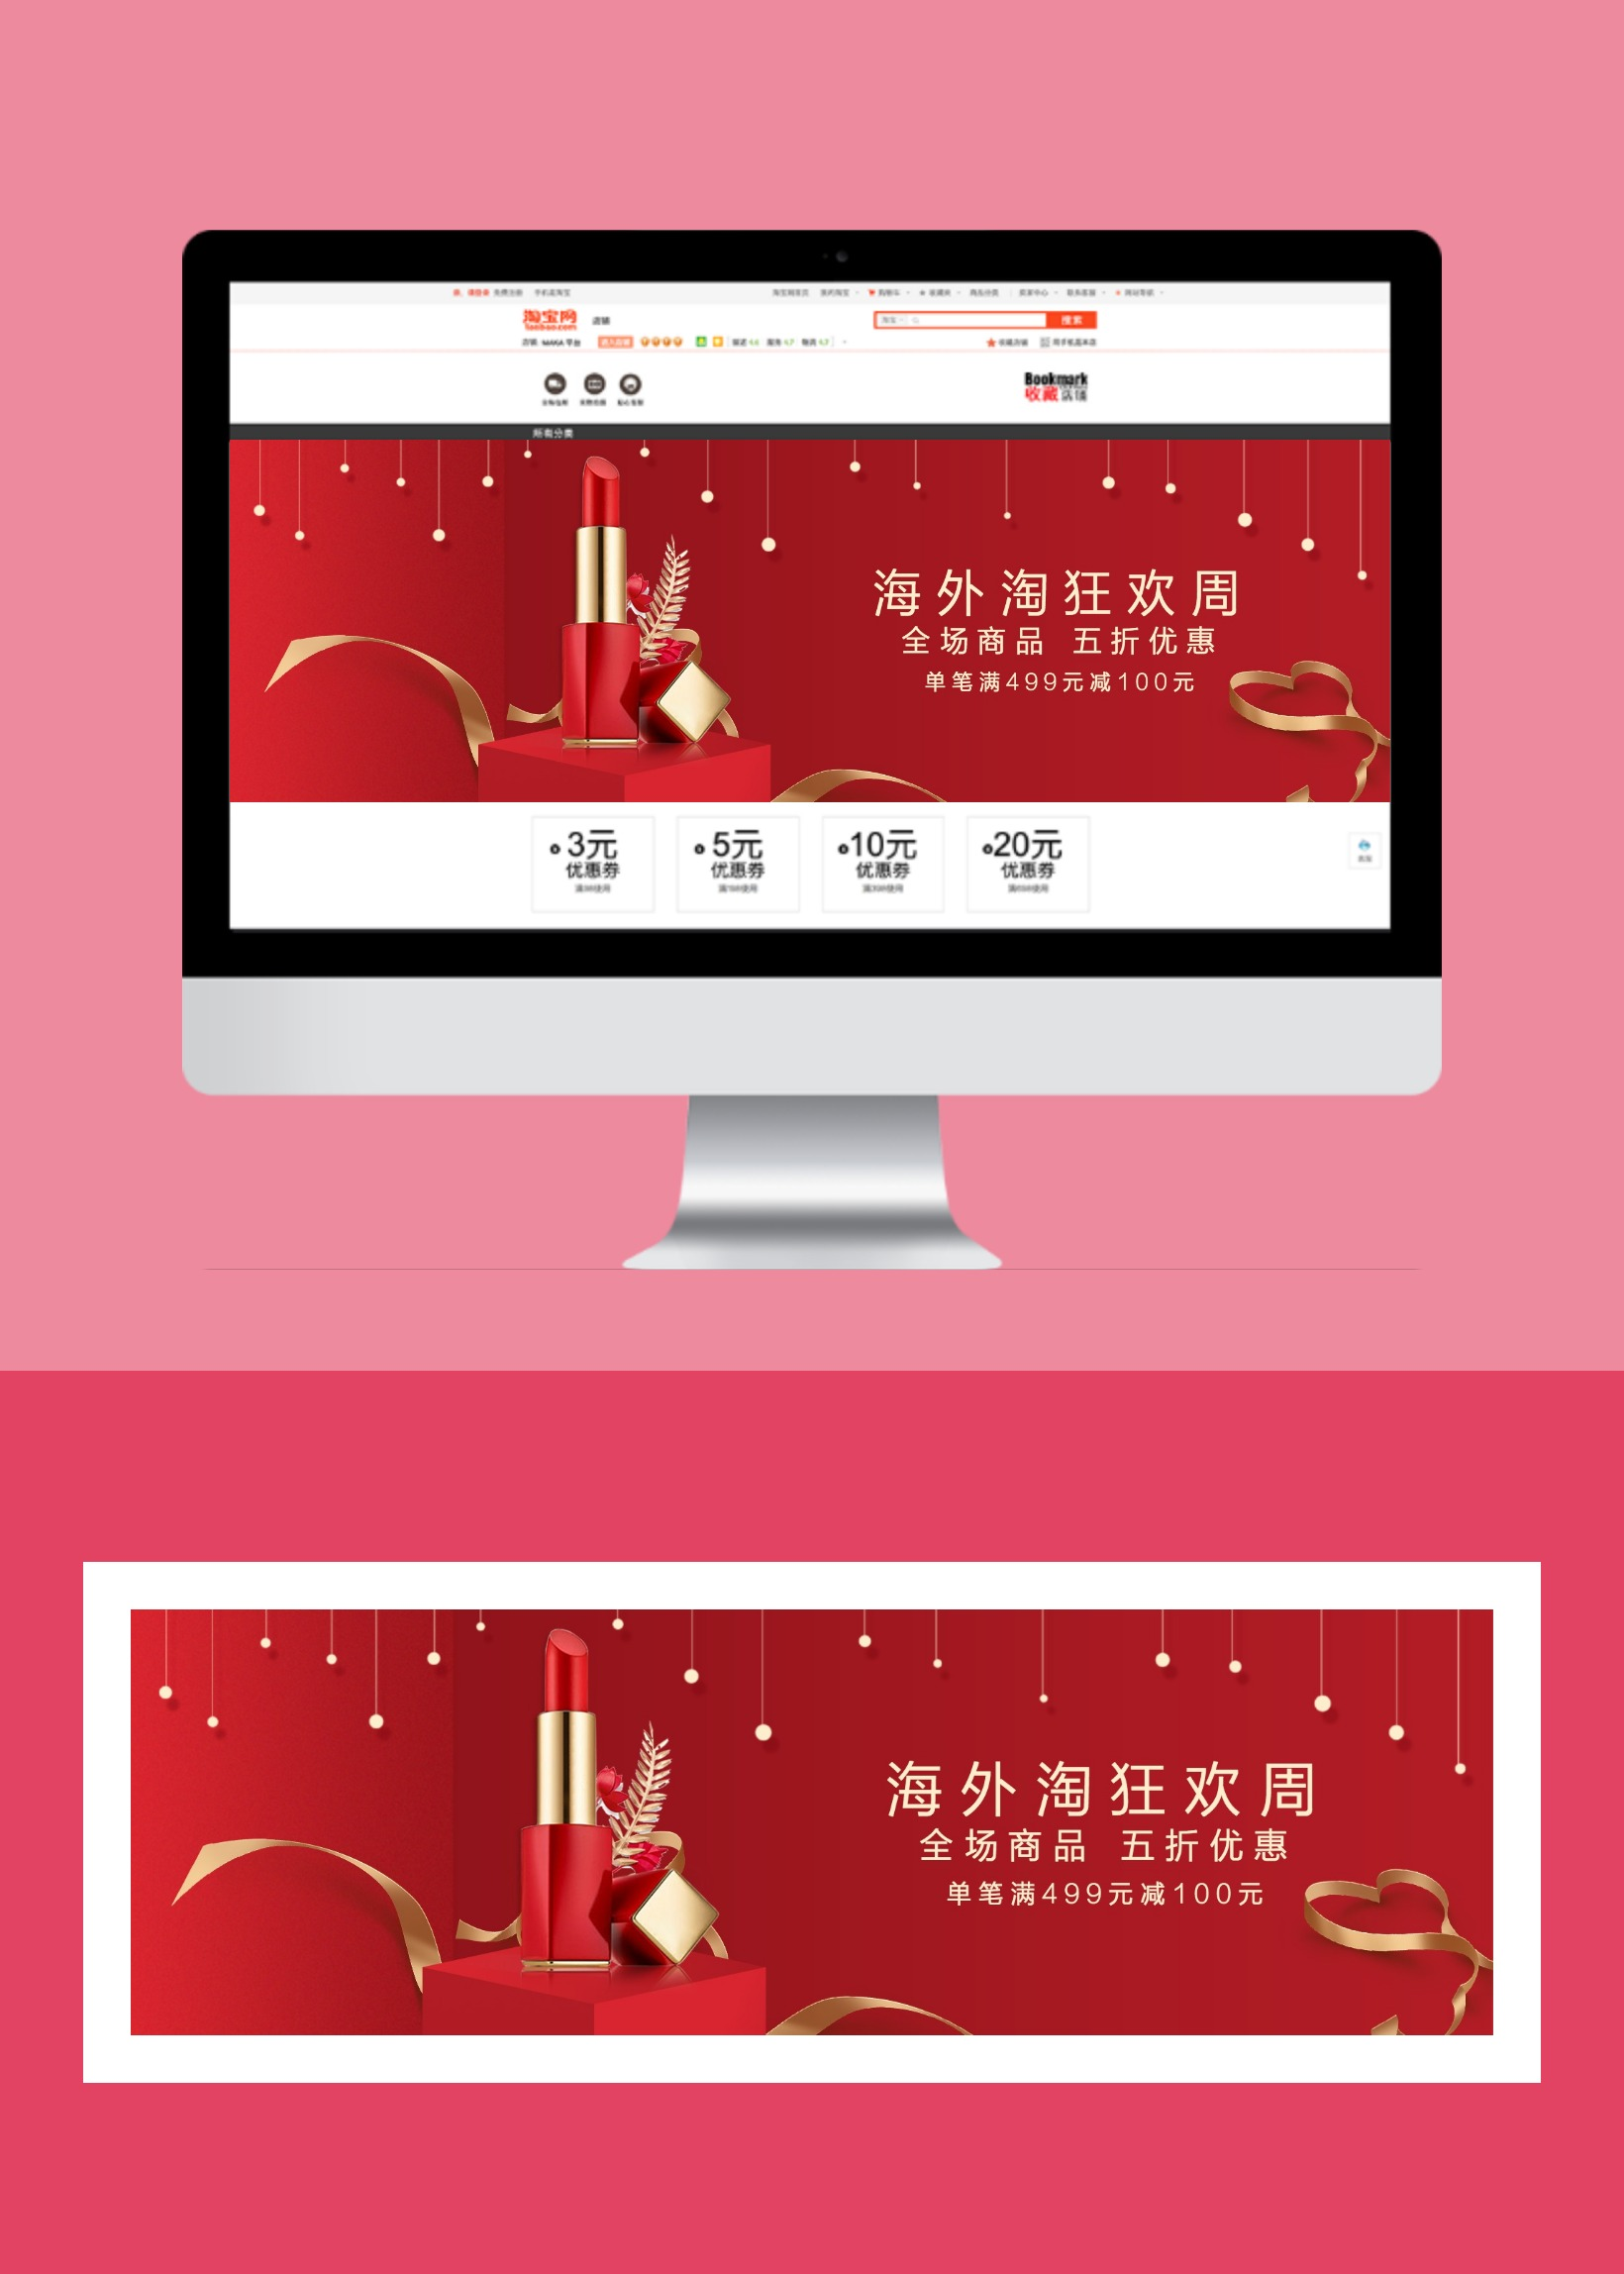 红金微空间天猫电商海外淘口红banner